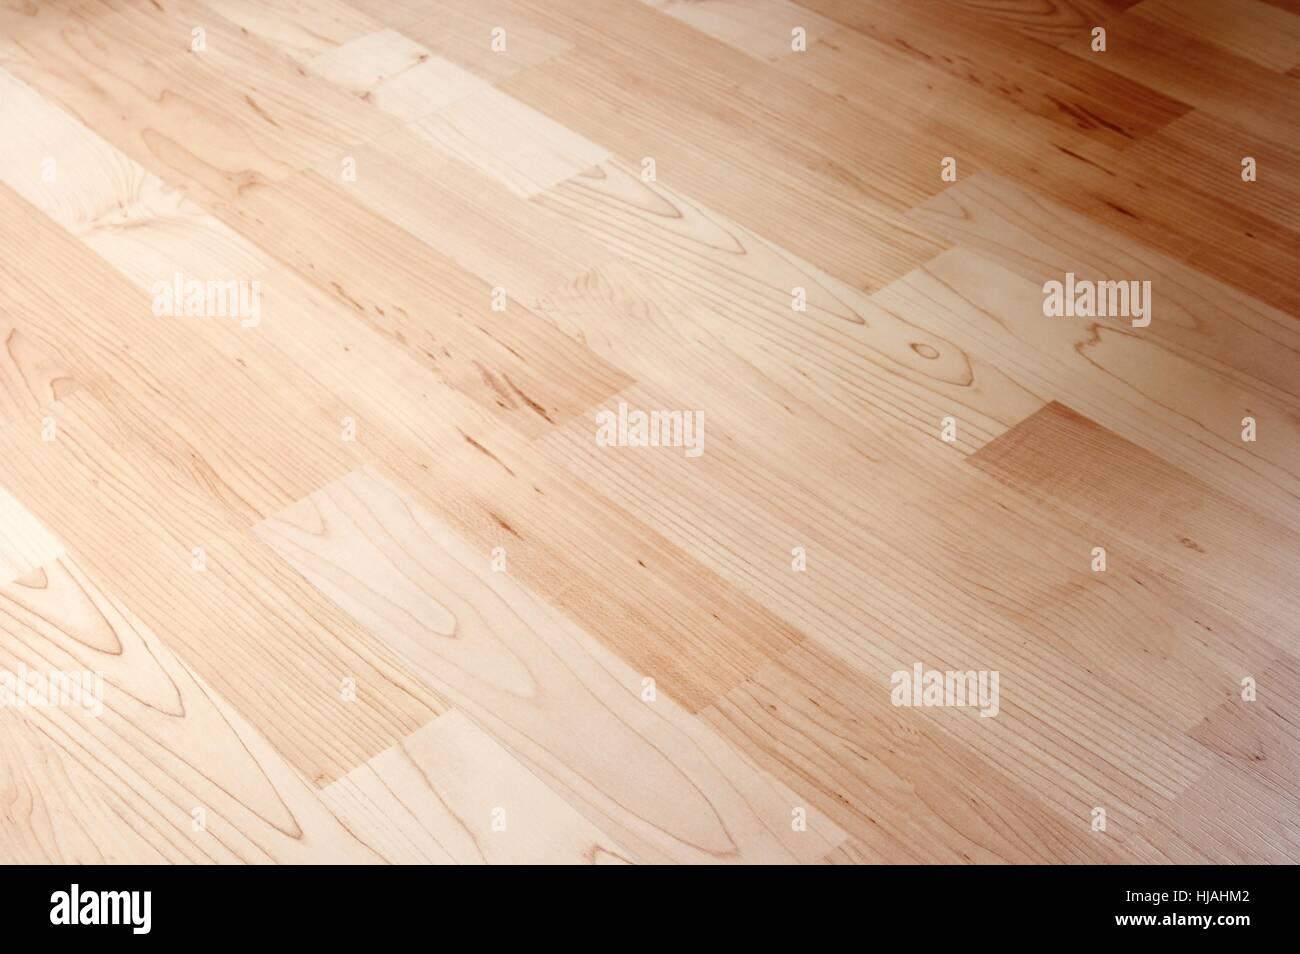 Parkettboden Mit Intarsien : Innenraum ebene parkett indoor stock intarsien haus gebäude